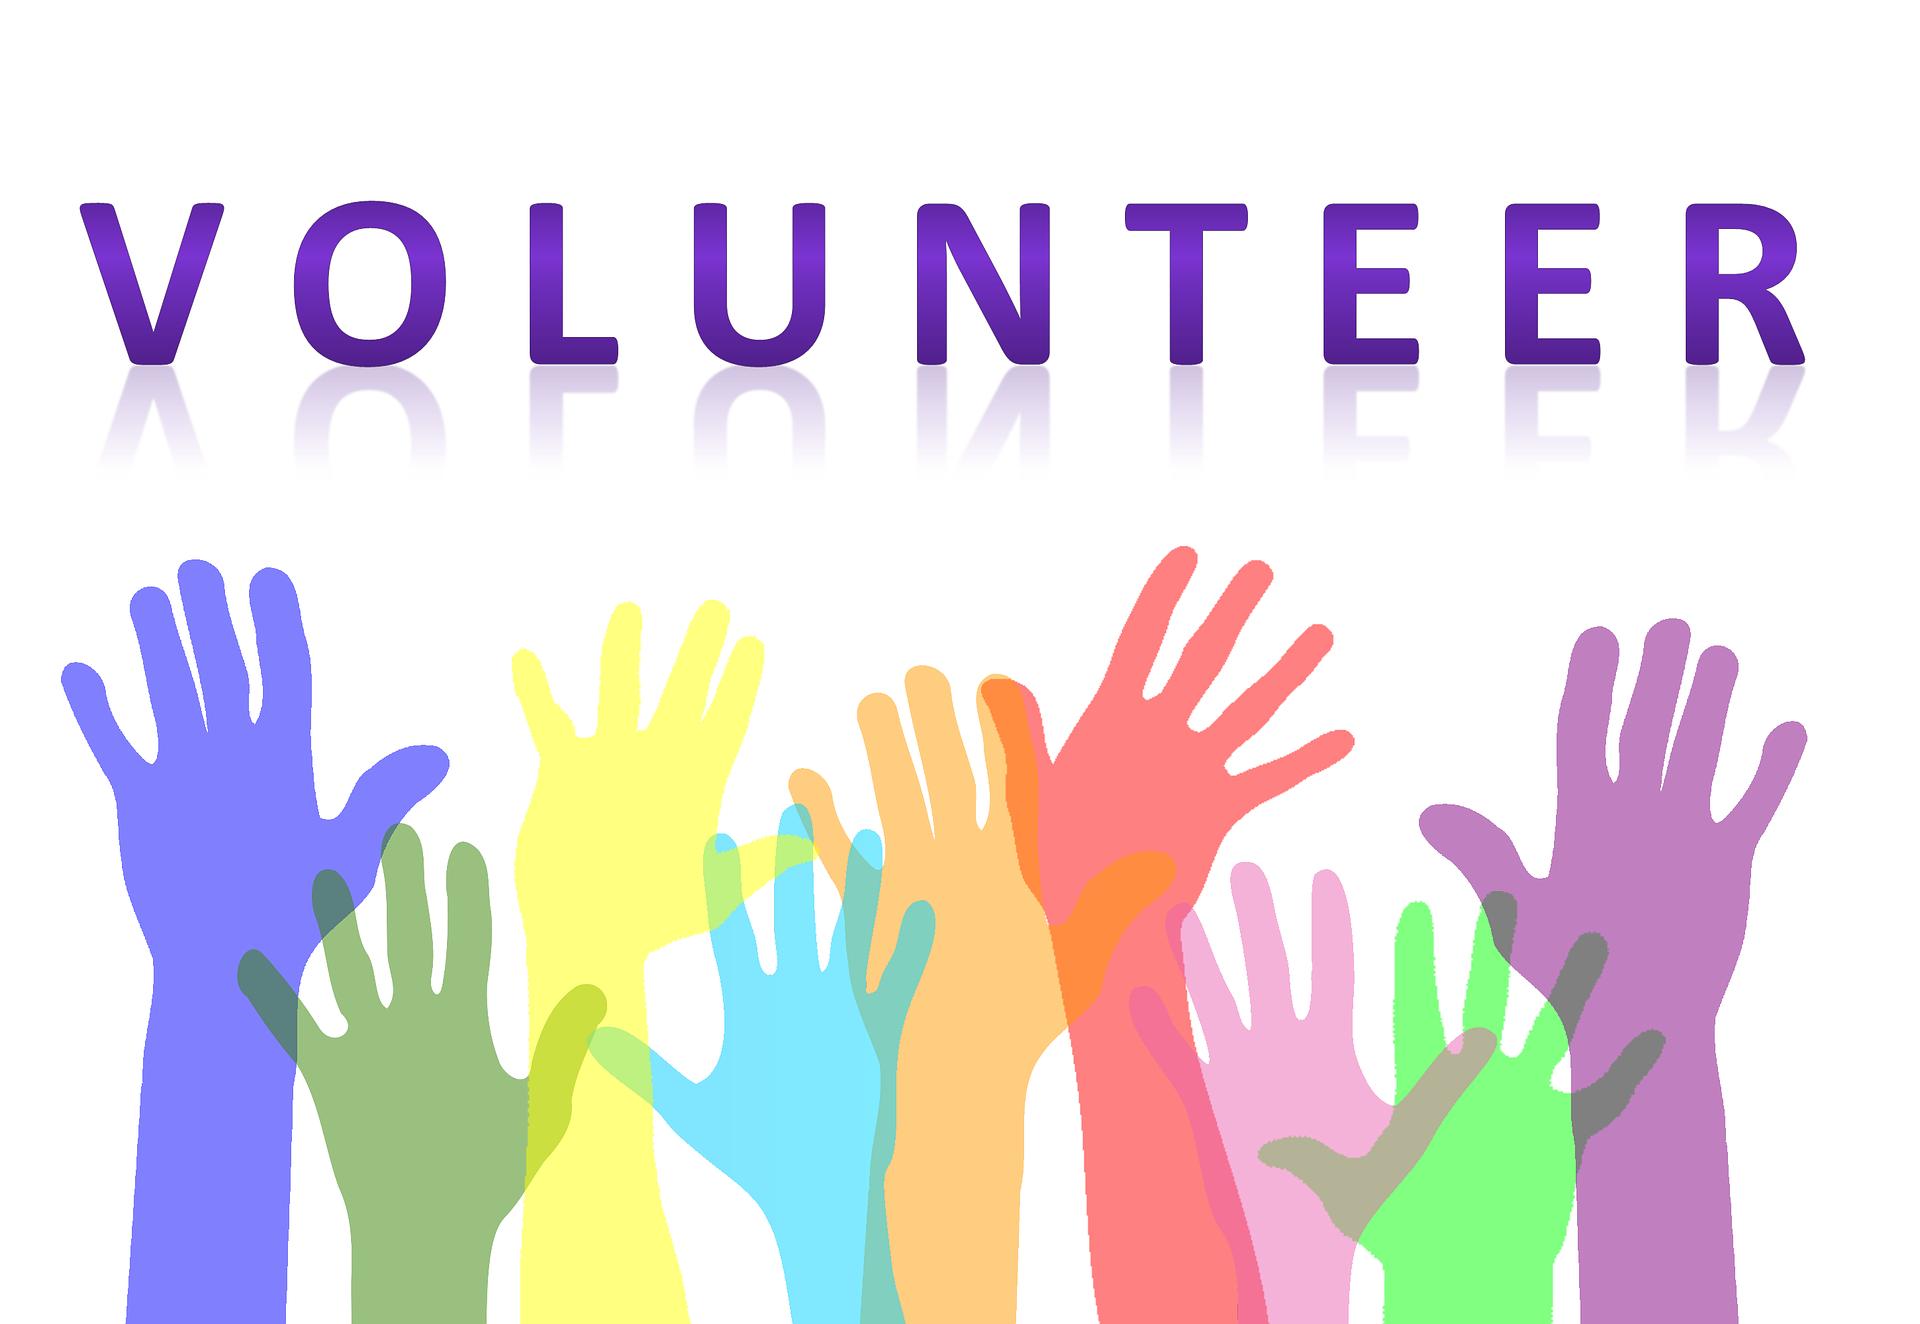 Scadenza imminente: Volontariato Erasmus+ di 6 mesi in Grecia (da ottobre 2019)